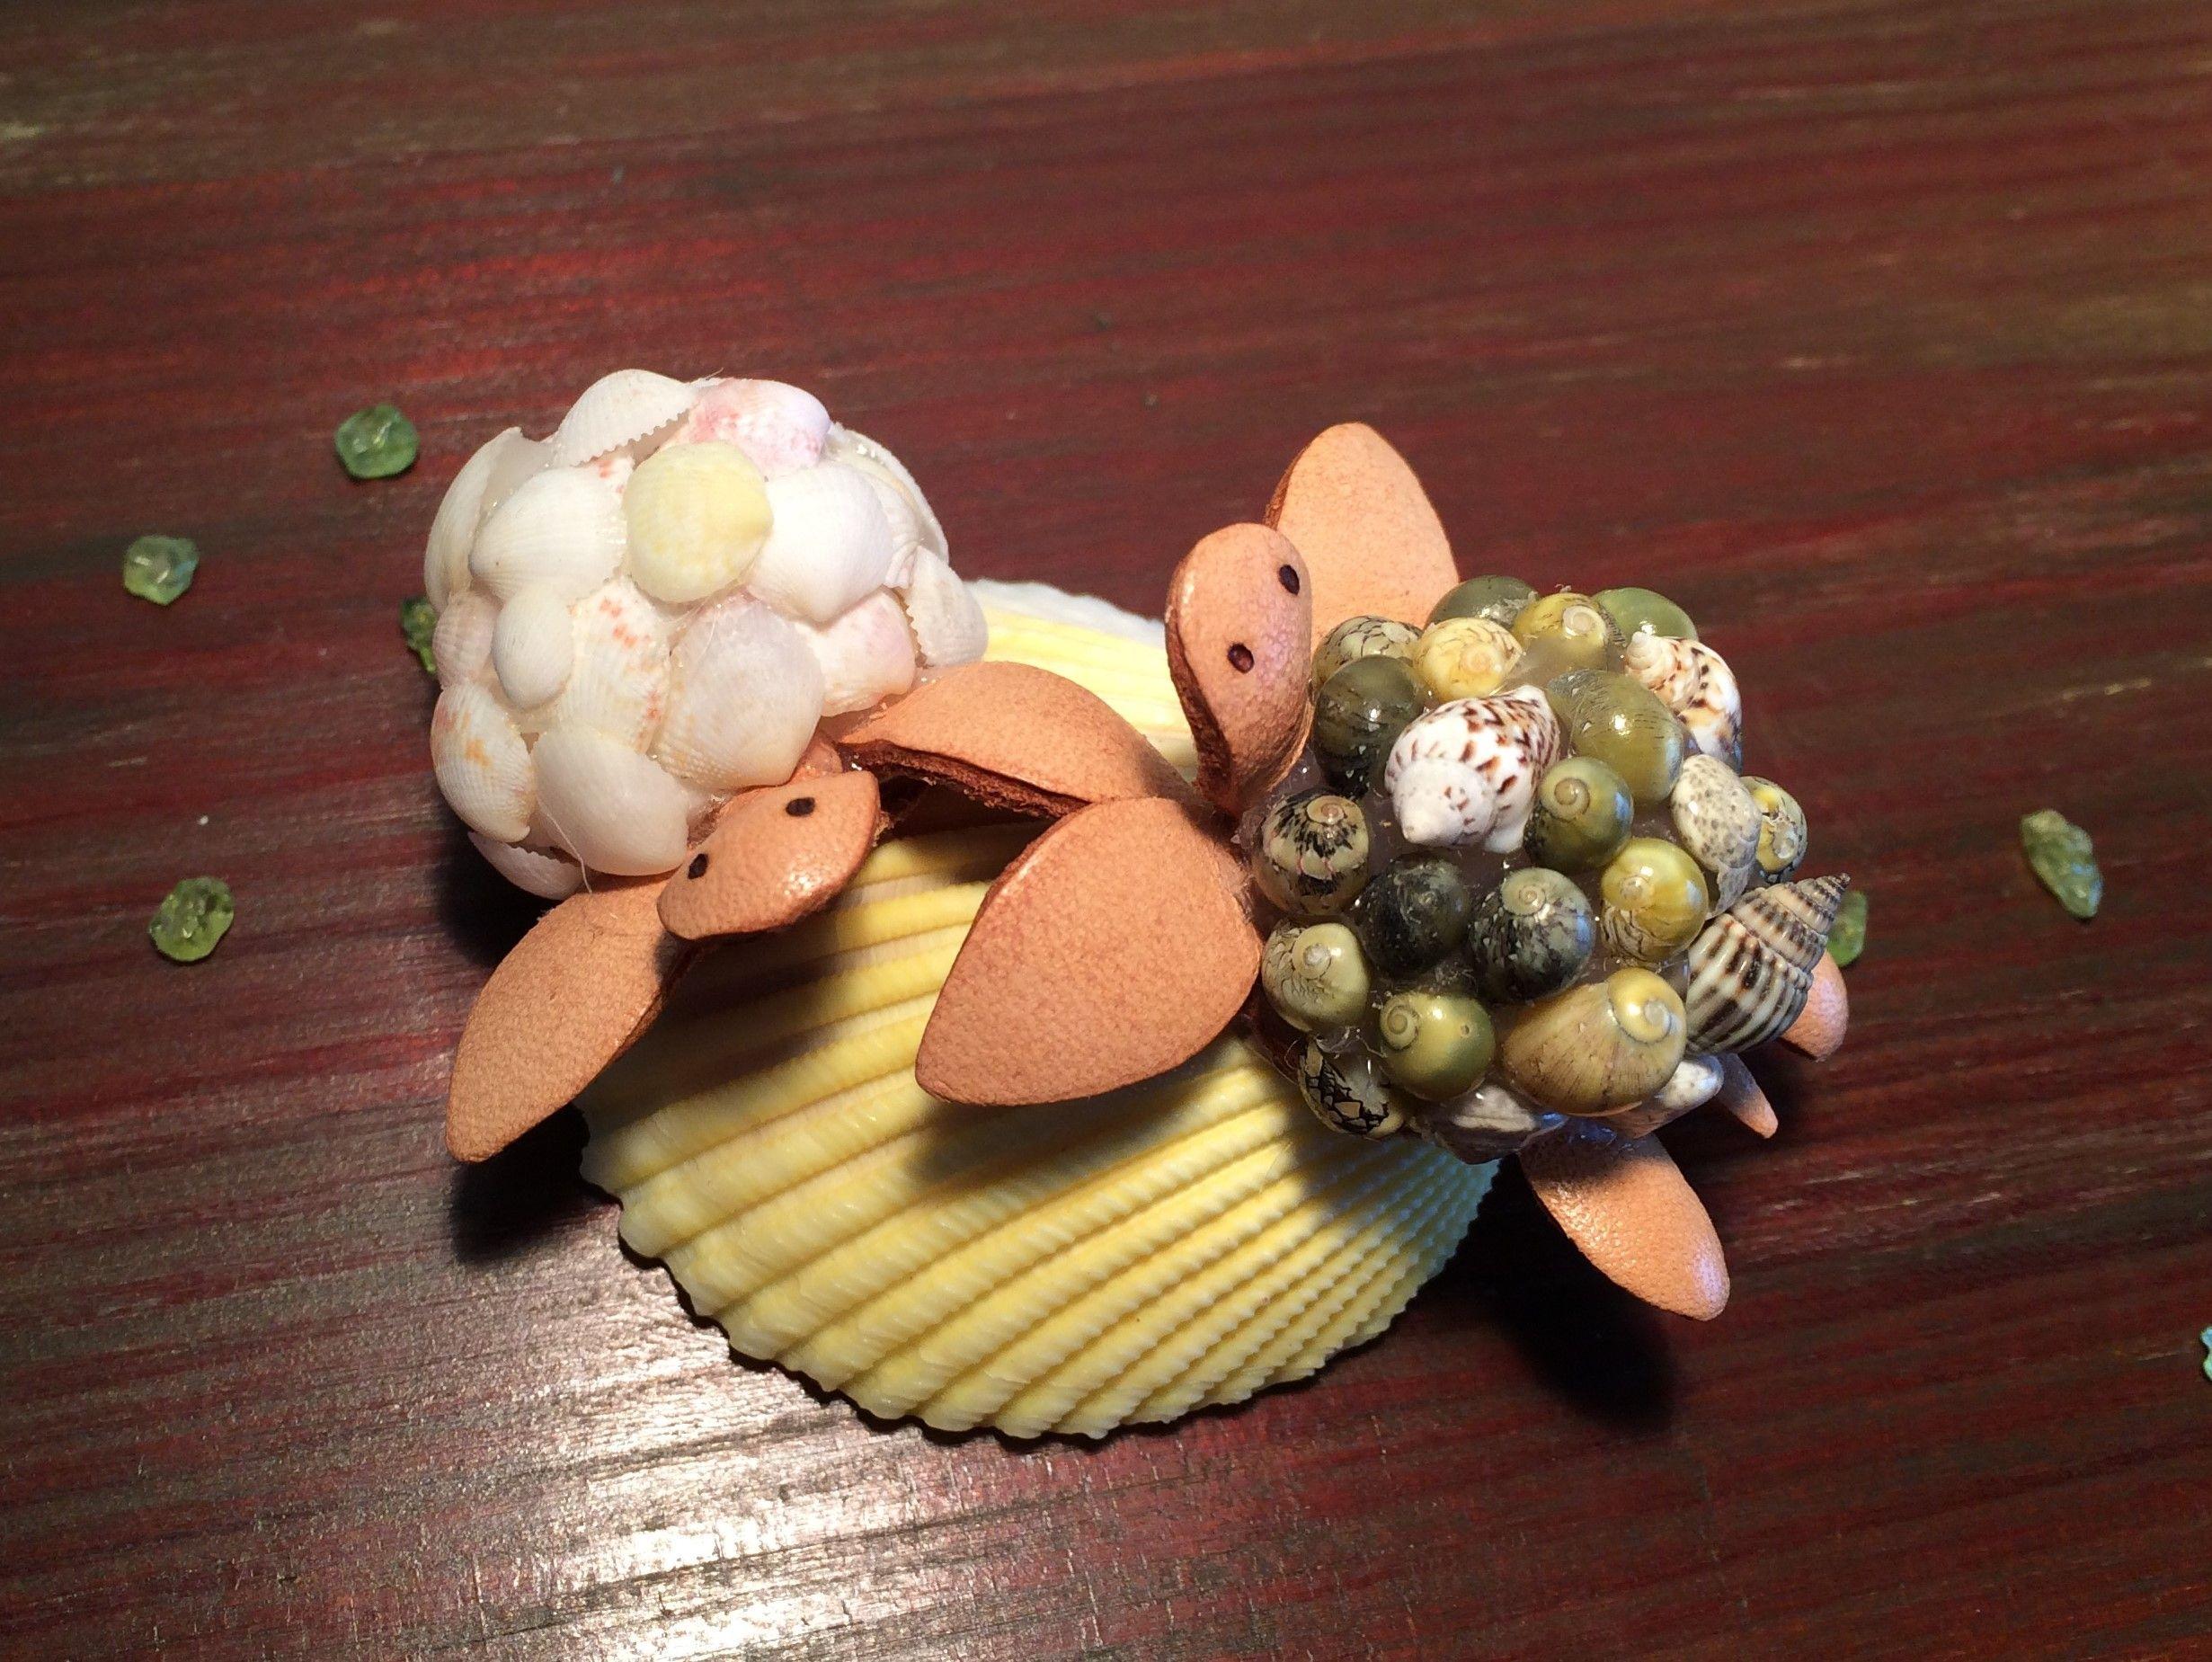 子ガメくん*ペア*貝殻の上でひと休み | 貝殻と革の可愛いインテリア雑貨ショップ*rikoyu・りこゆ